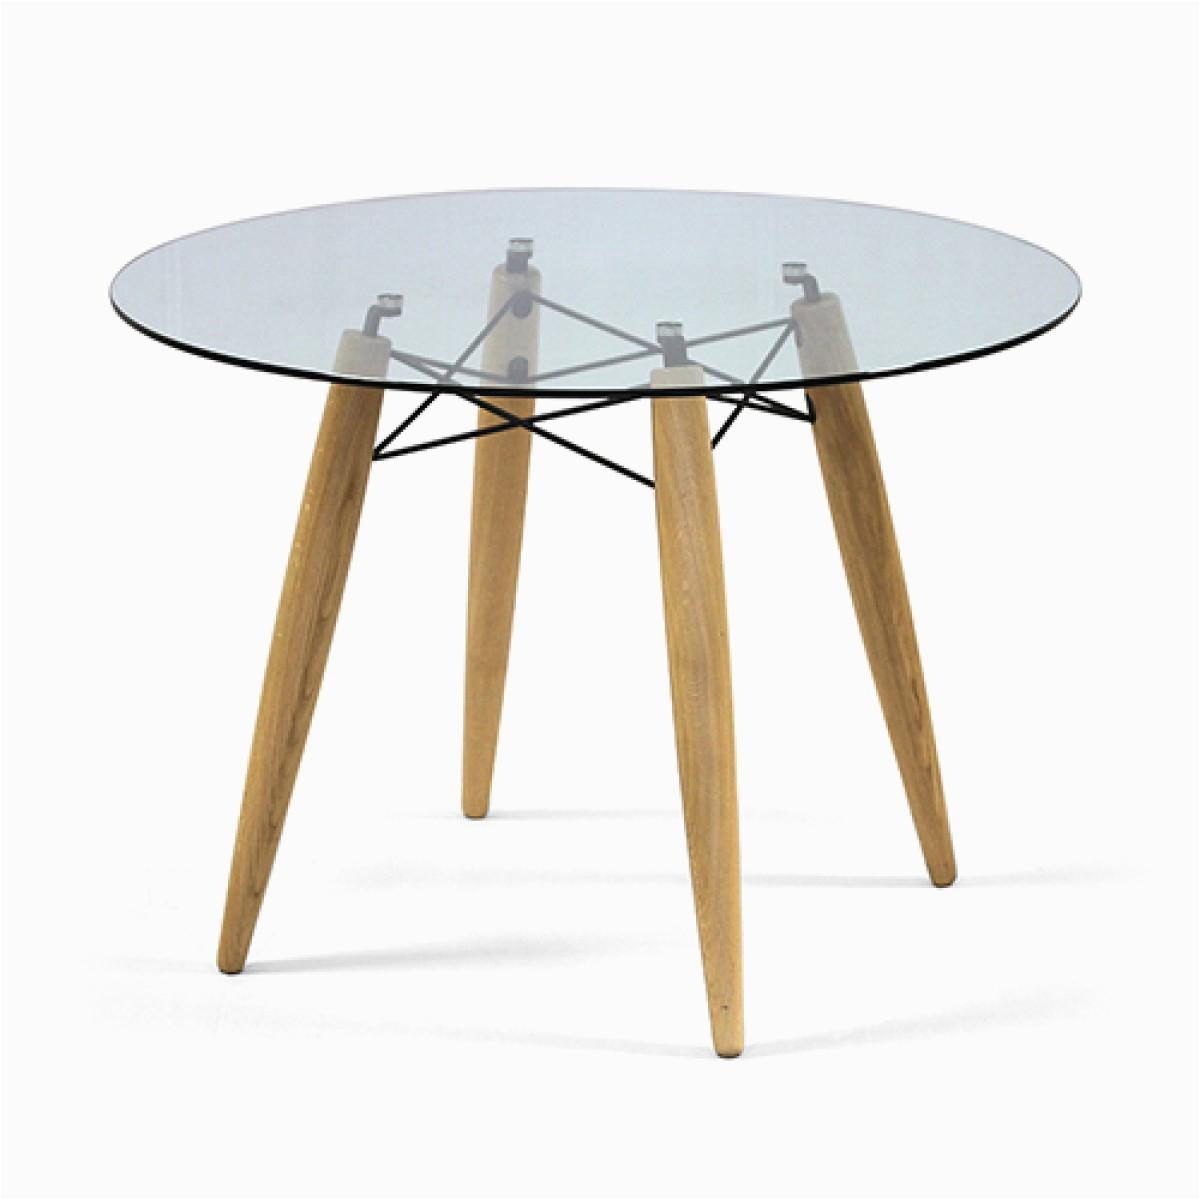 tisch rund glas tischplatte esstisch rund glas tisch tischplatte glas durchmesser 100 cm